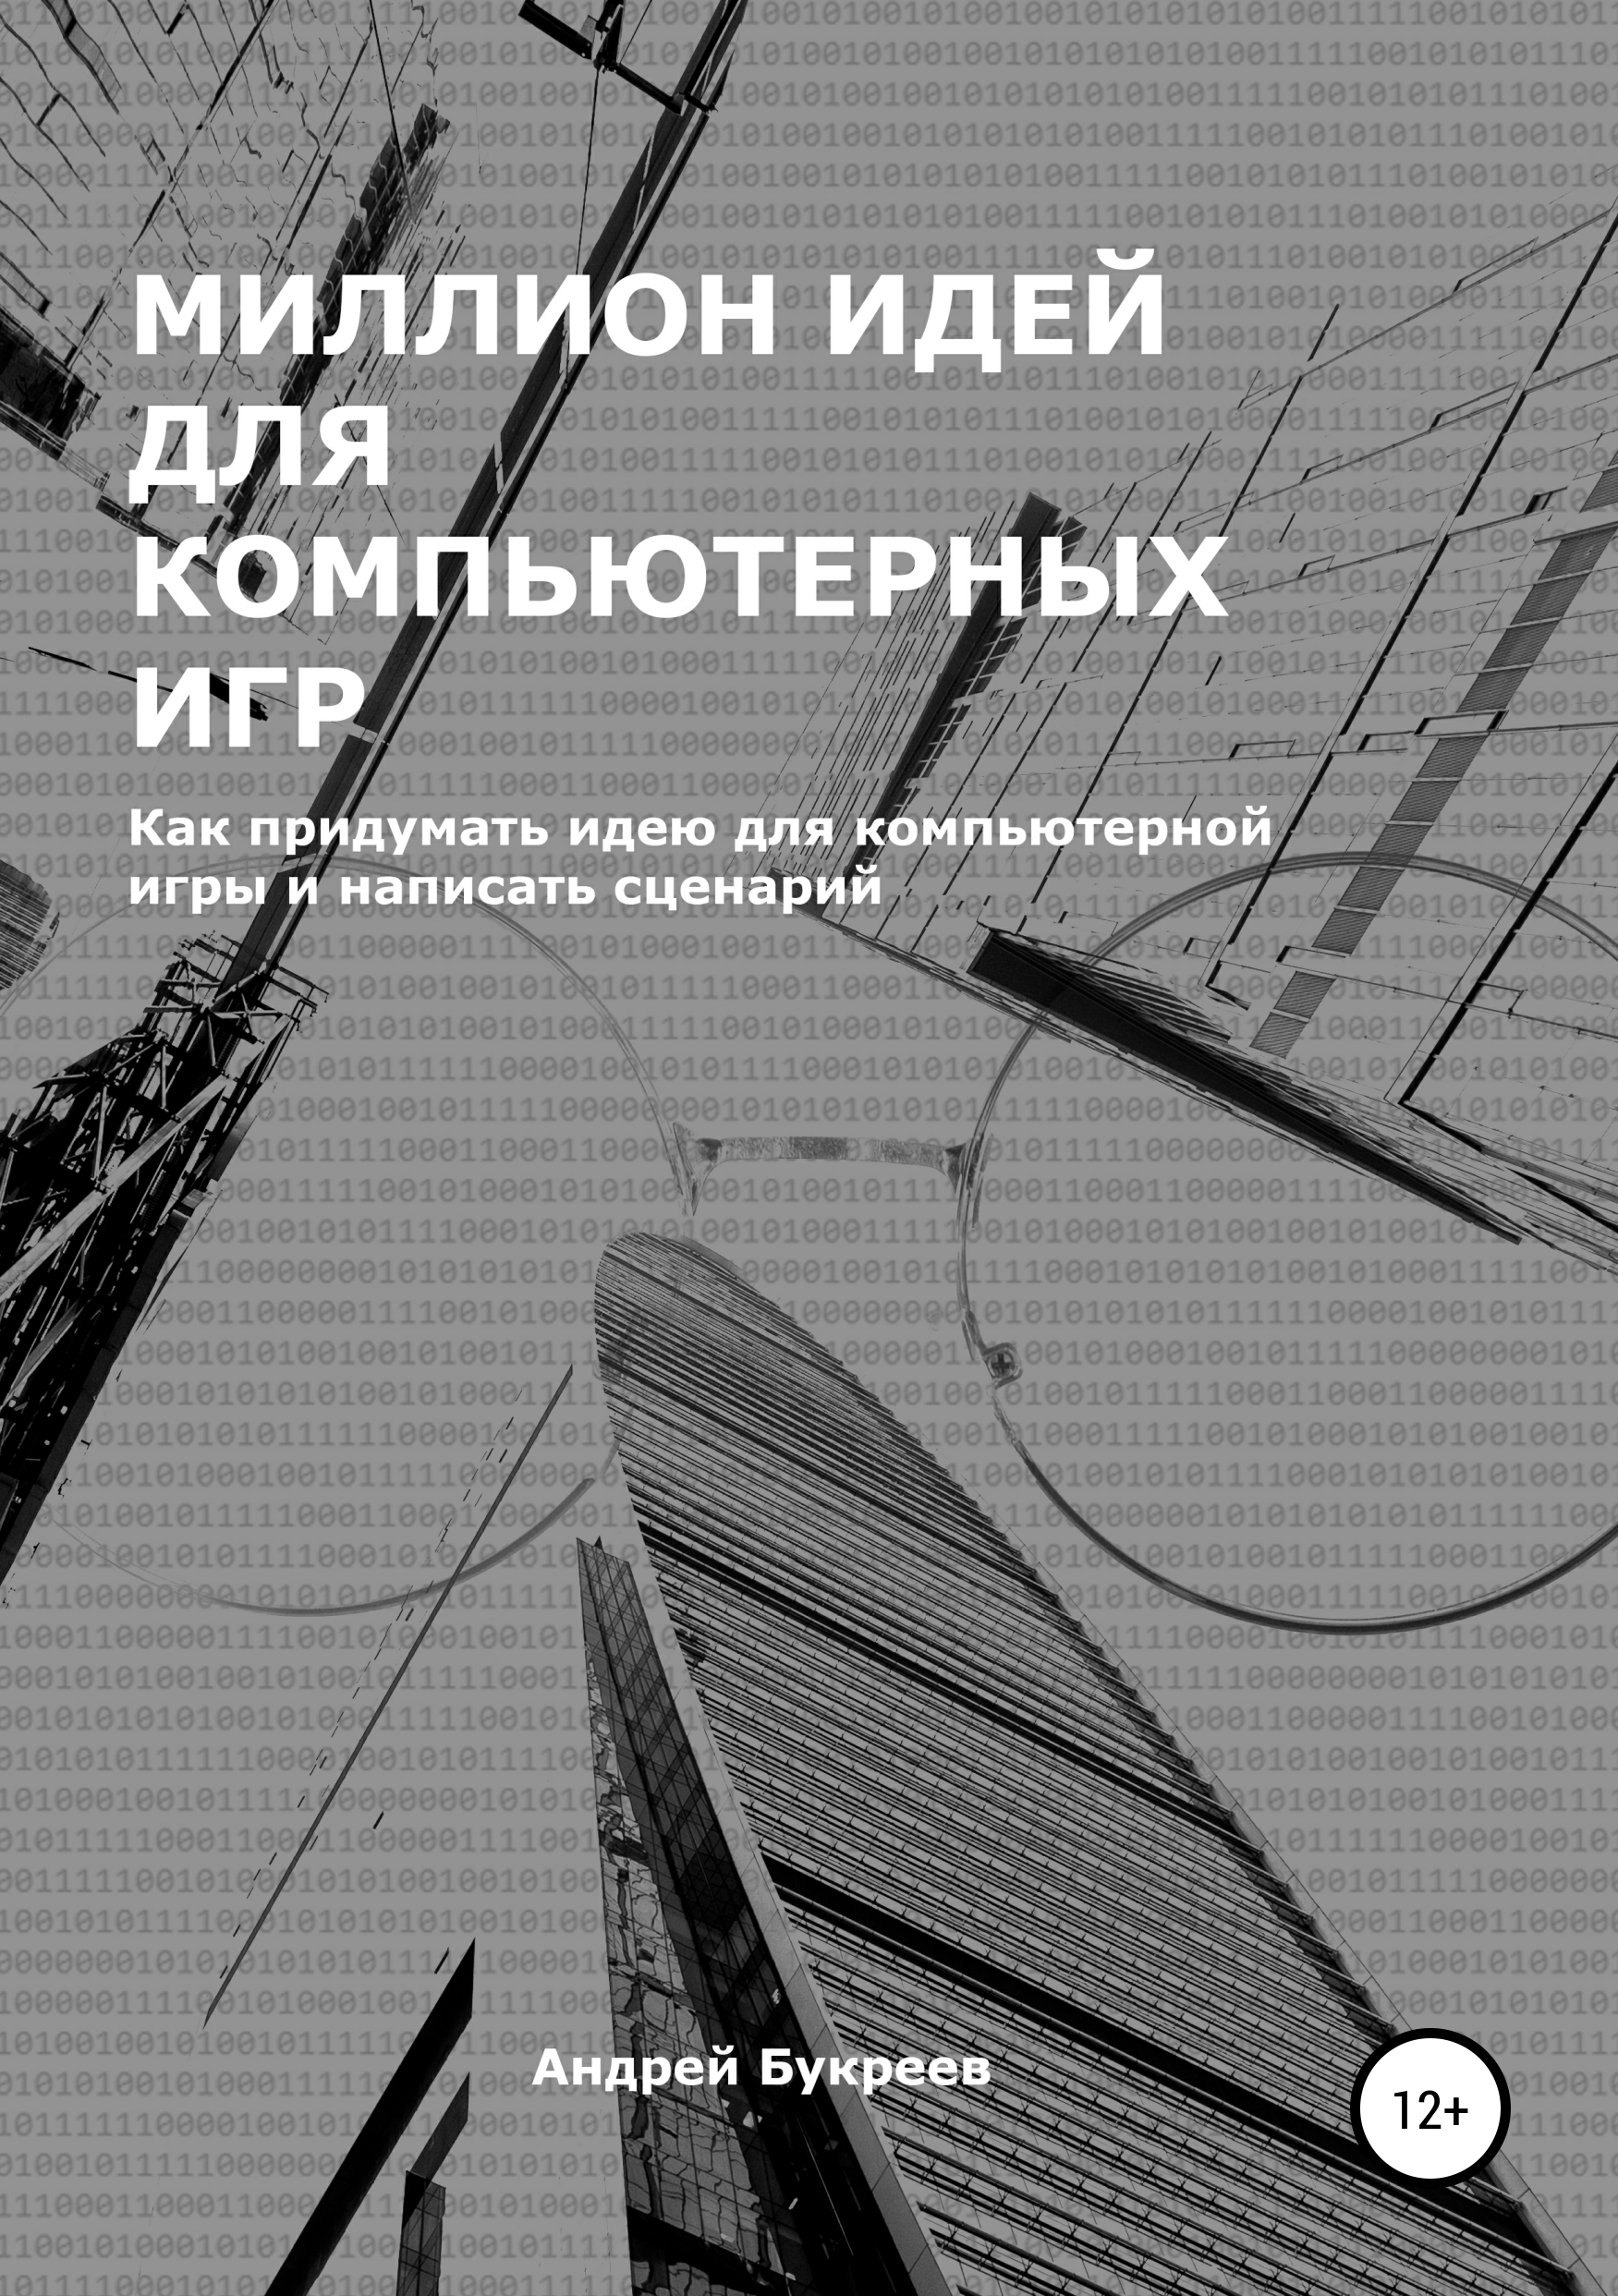 Обложка книги. Автор - Андрей Букреев